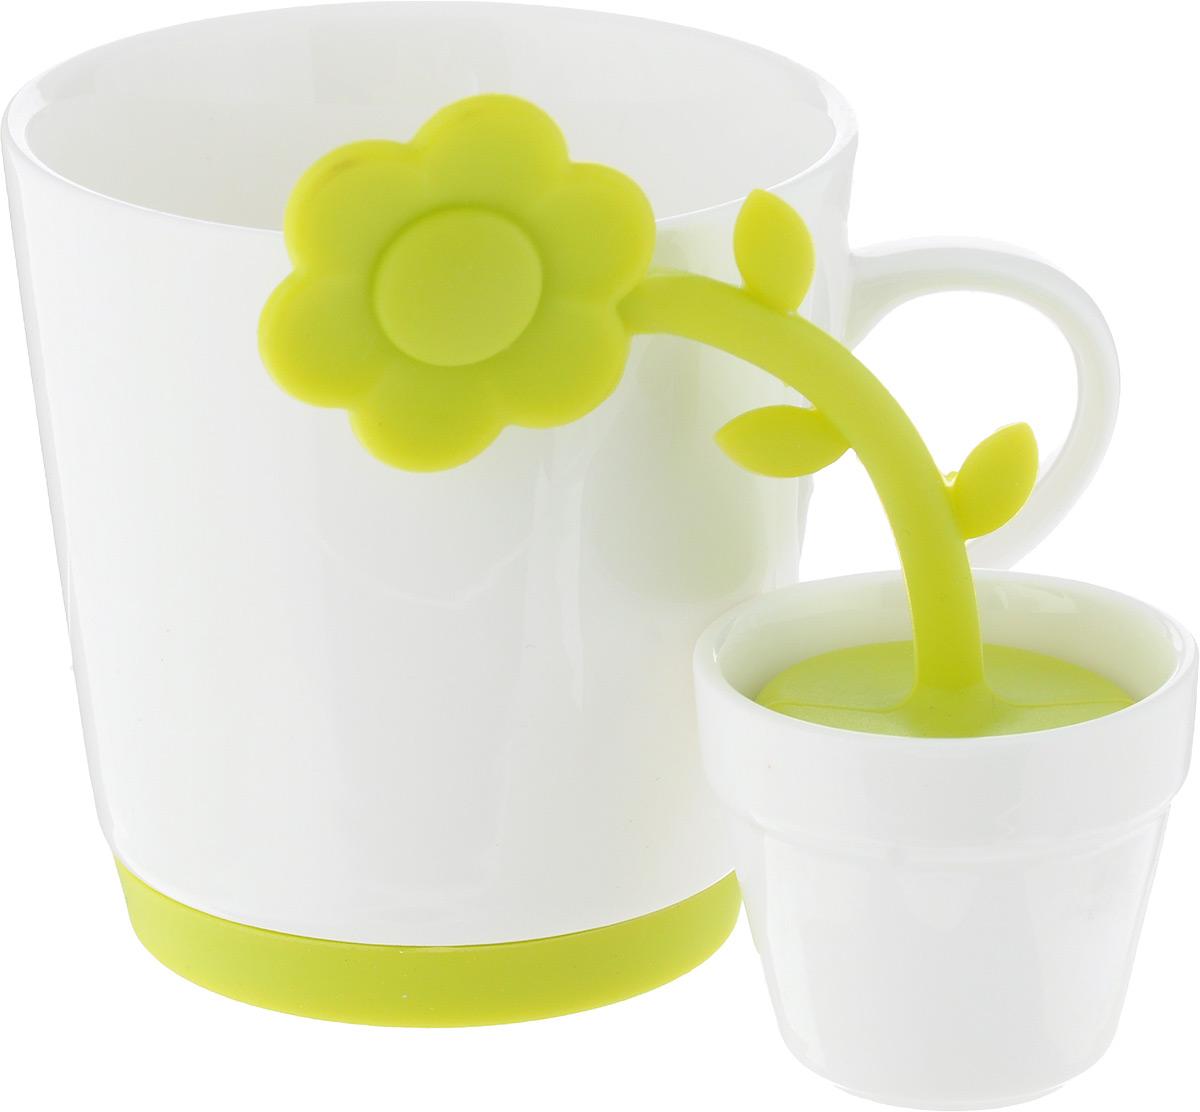 Набор для чая Oursson, 2 предметаTW89536/GAНабор для чая Oursson, состоящий из чашки и ситечка – «яркое» наслаждение любимым напитком! Как приятно пить чай из красивой и необычной чашки. Ведь оригинальная посуда никого не оставит равнодушным и поднимет настроение. Чашка изготовлена из керамики. Керамика хорошо распределяет тепло и выдерживает высокие температуры, а цветная силиконовая вставка на дне кружки не позволит ей скользить по столу. Яркое ситечко для заваривания чая, изготовленное из высококачественного пищевого силикона, поможет быстро и вкусно заварить чашку натурального чая. Ситечко выполнено в виде цветка, и имеет подставку в виде горшка изготовленного из керамики. Просто наполните цветок заваркой и погрузите в чашку, через несколько минут вы получите вкусный ароматный чай. Такой необычный набор разнообразит привычное чаепитие, порадует гостей. Обычное заваривание чая превратится в увлекательный процесс. Диаметр кружки (по верхнему краю): 8,3 см, Высота стенки кружки: 8,5...